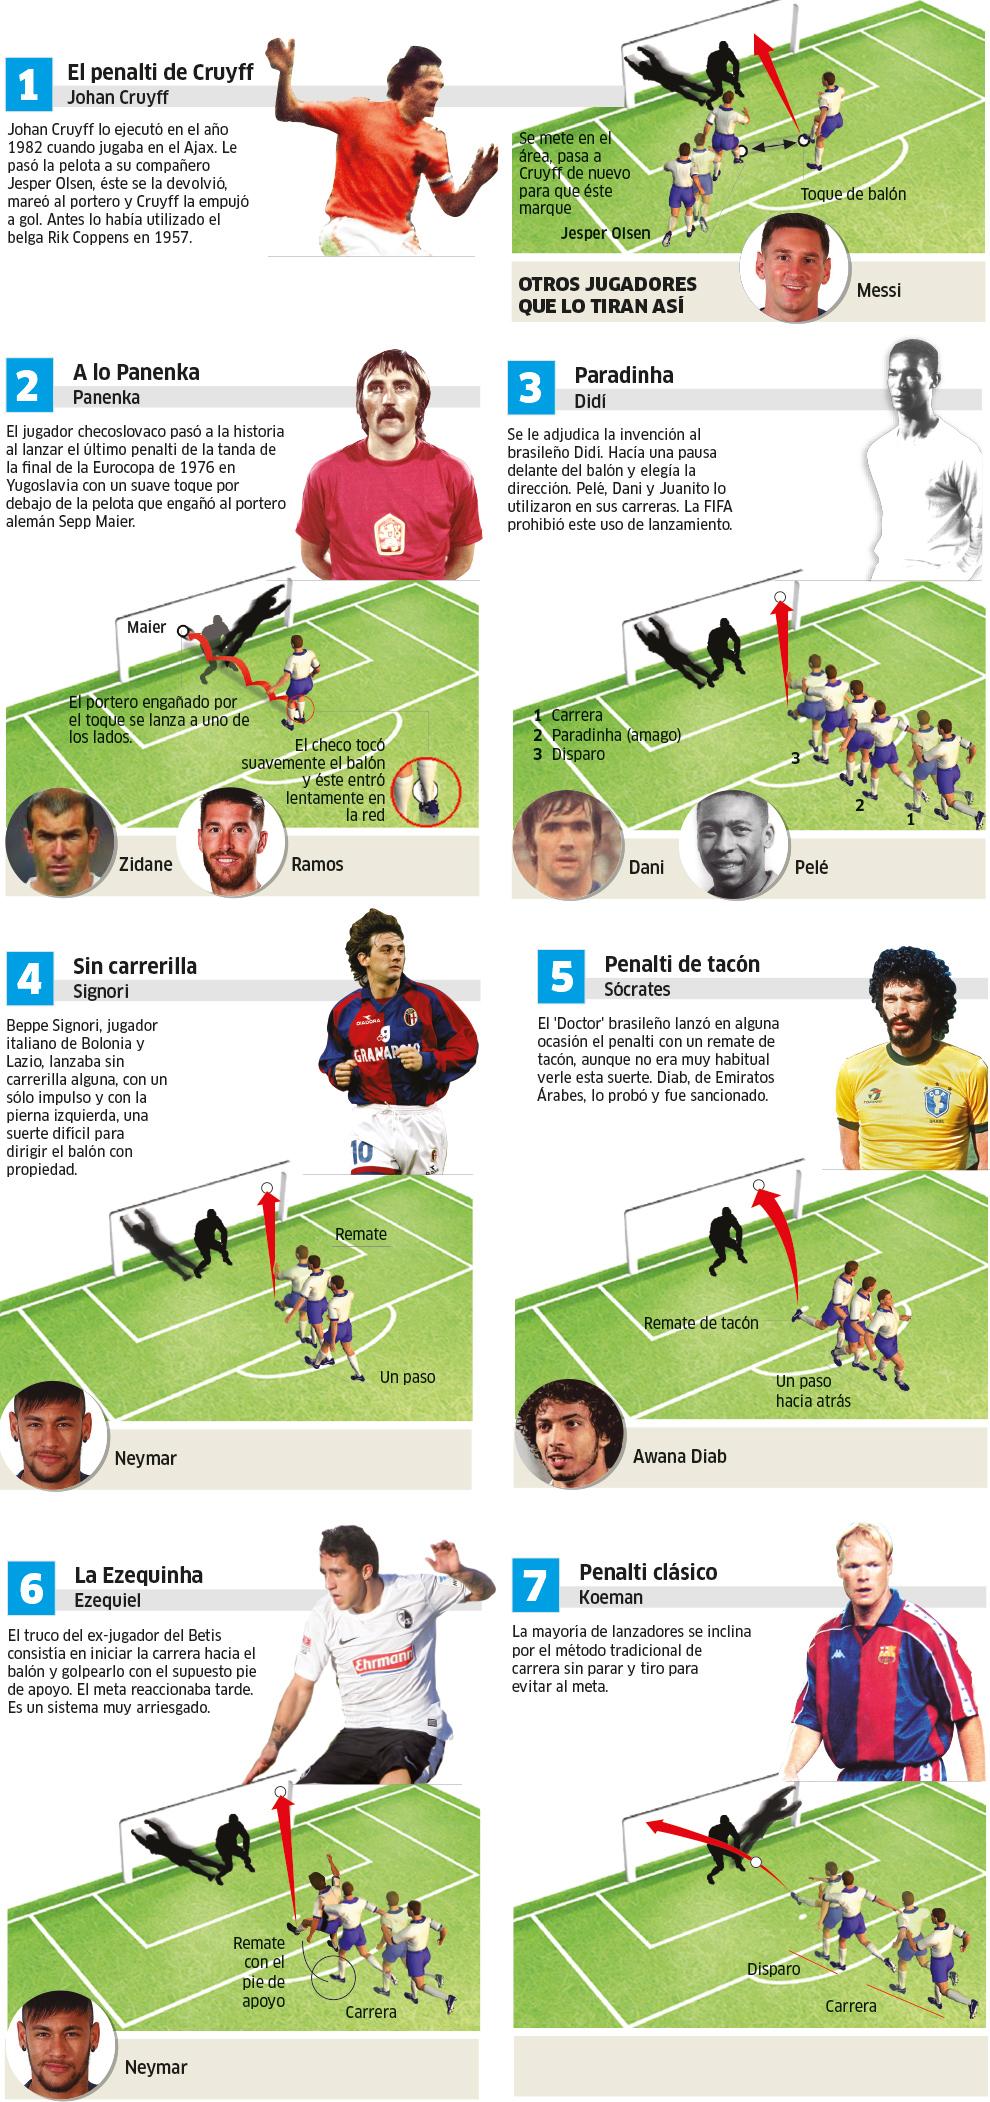 6 maneras legendarias de lanzar un penalti... y el clásico de siempre